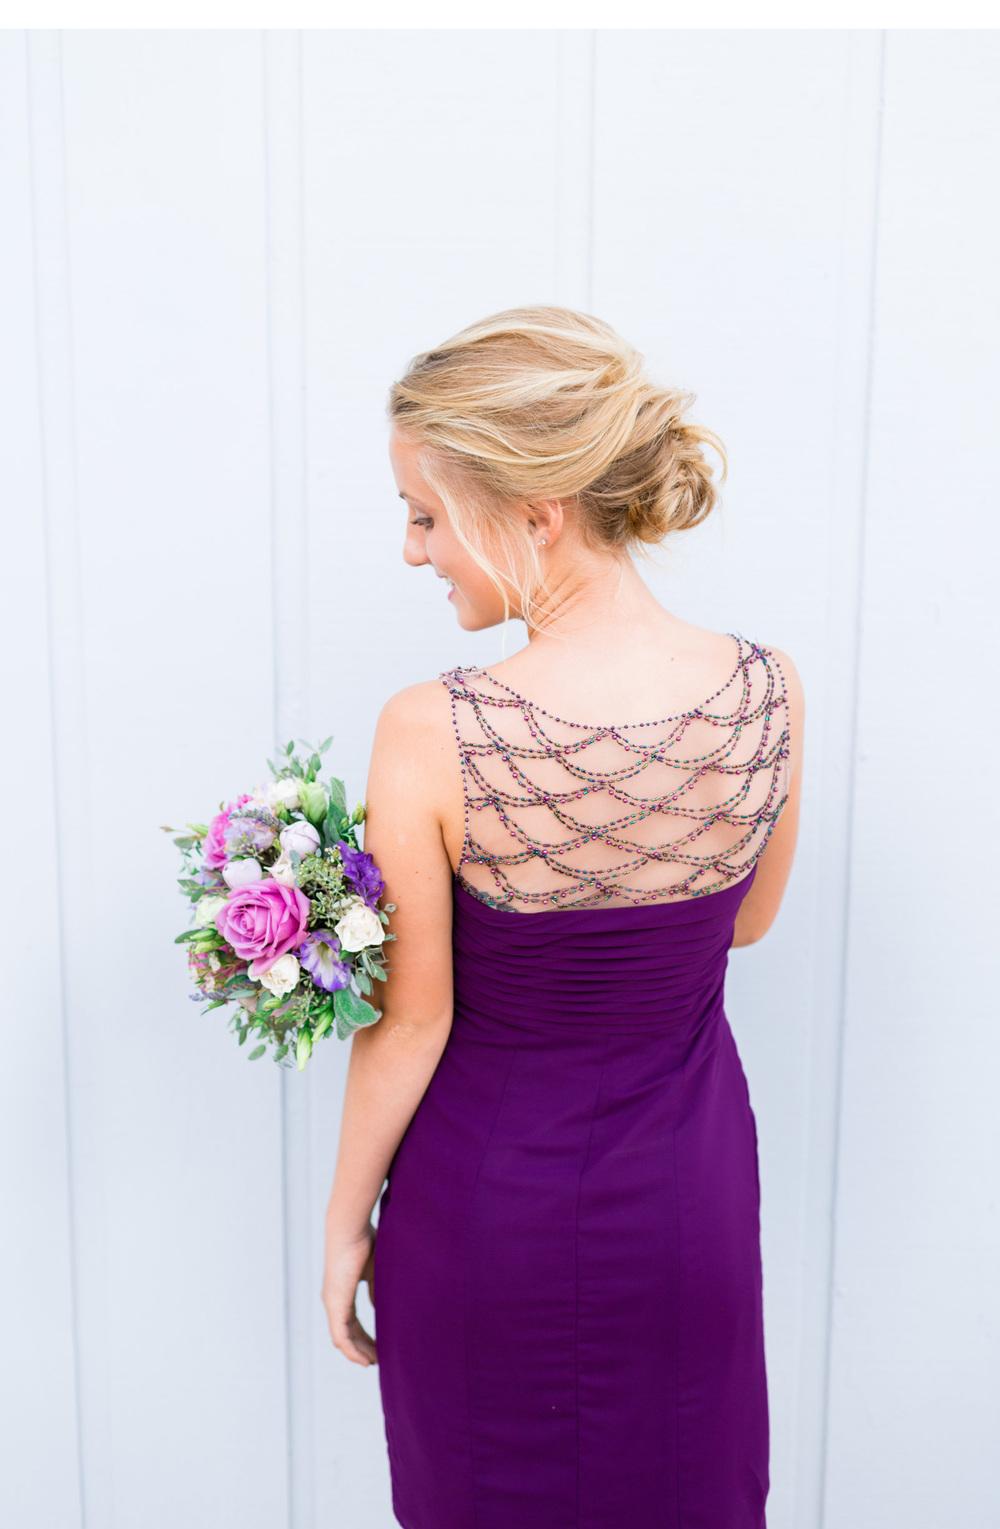 Jessica's-Bridesmaids---Natalie-Schutt-Photography_04.jpg